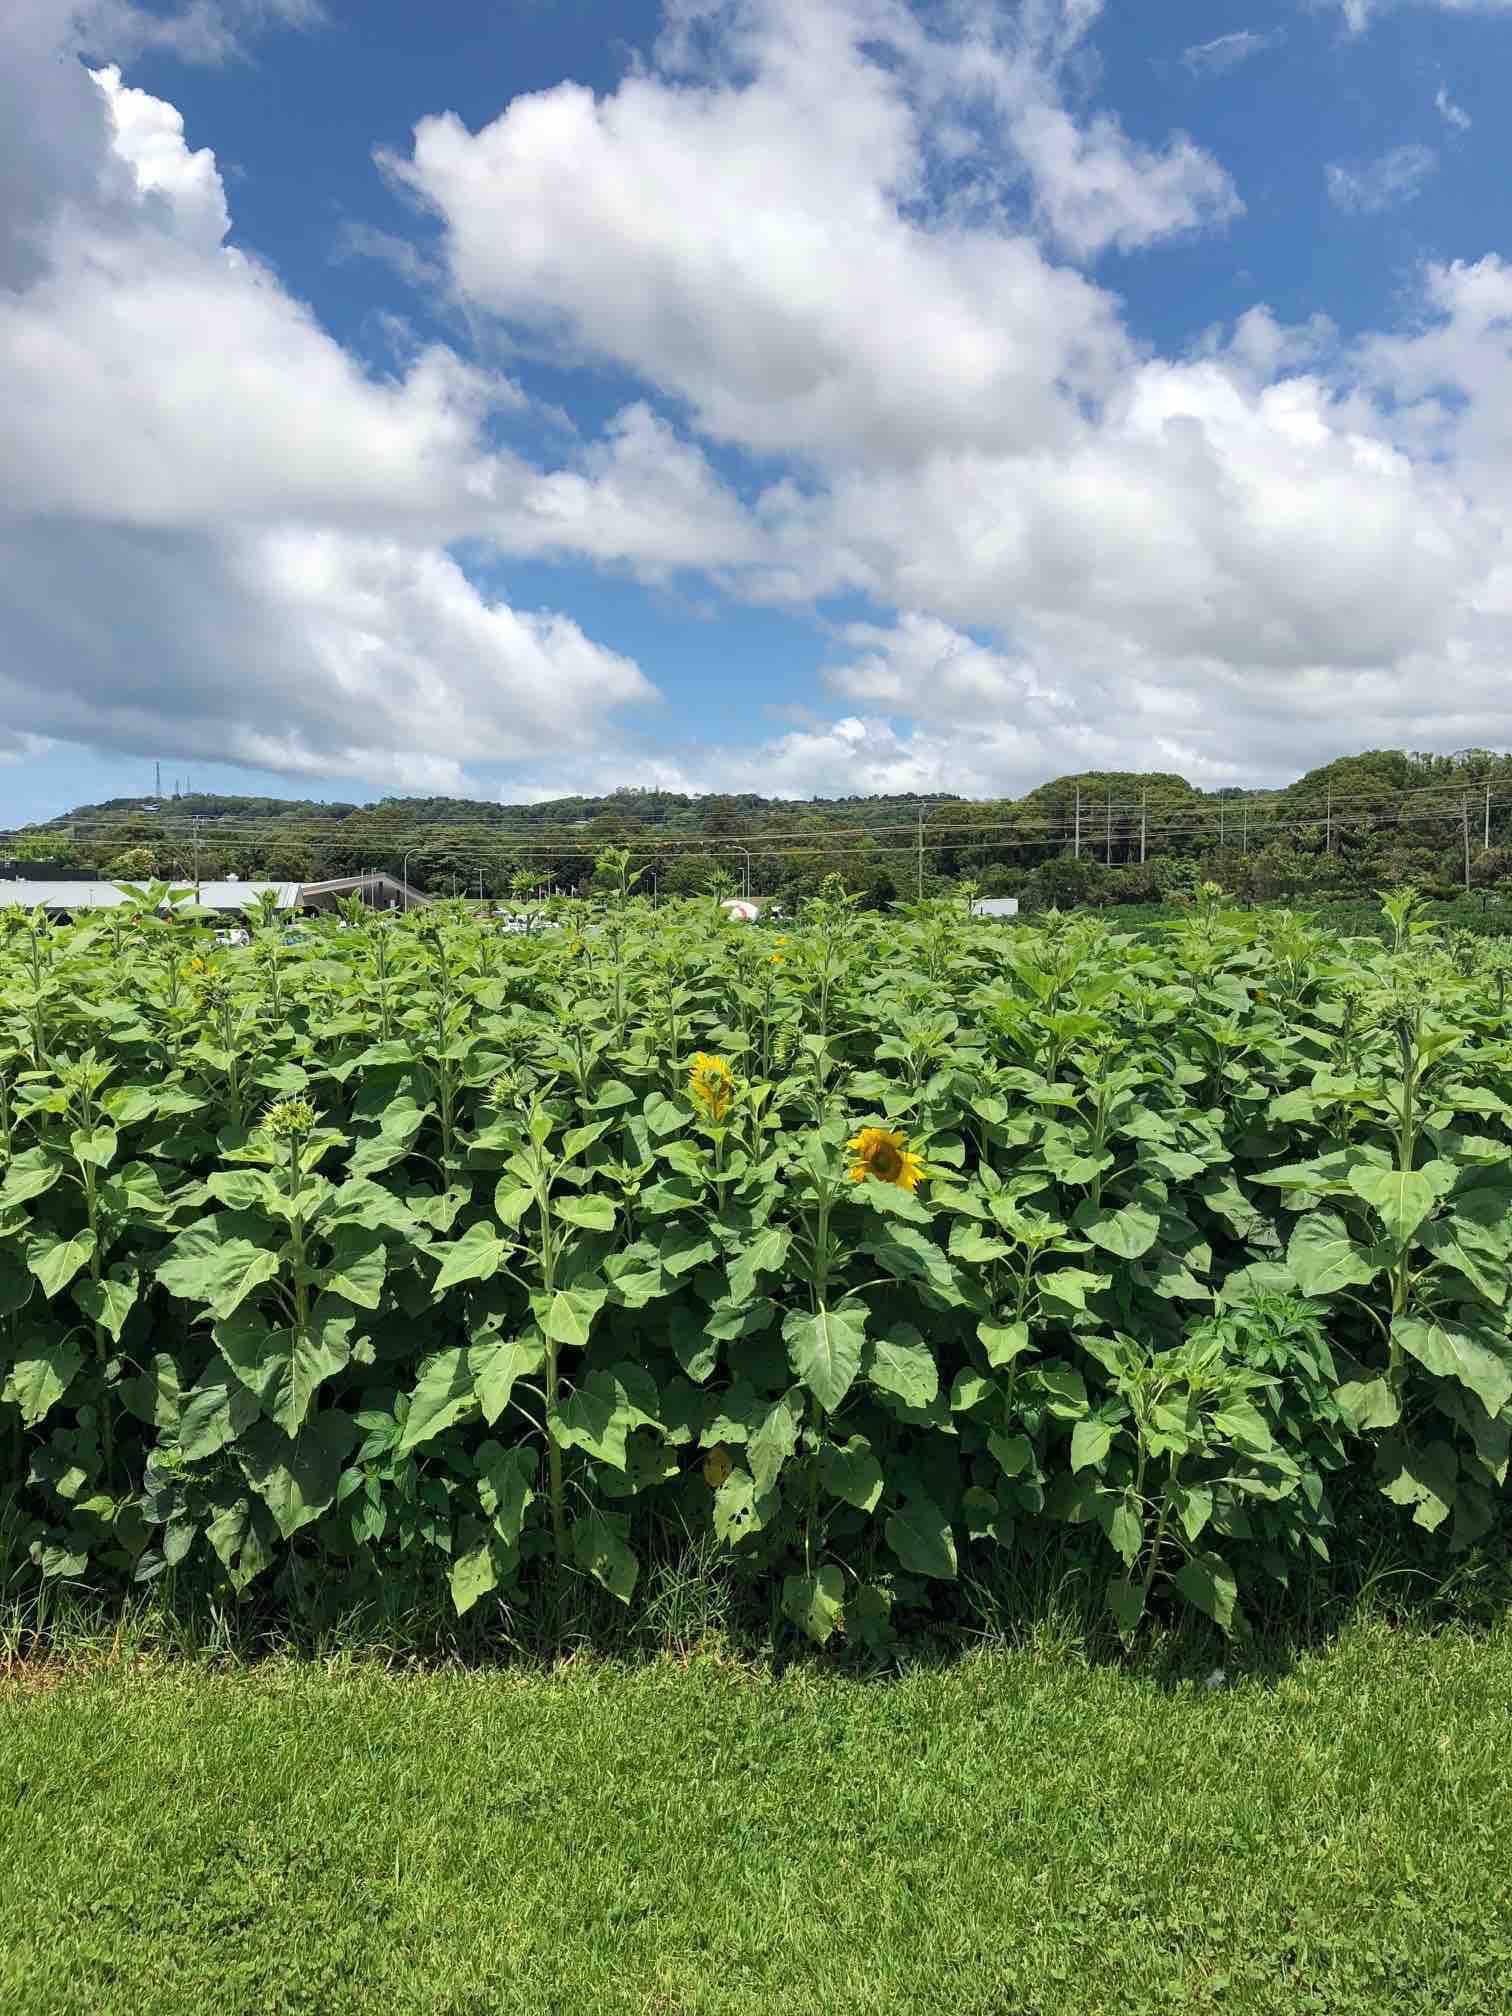 Sunflowers at the Farm.jpg